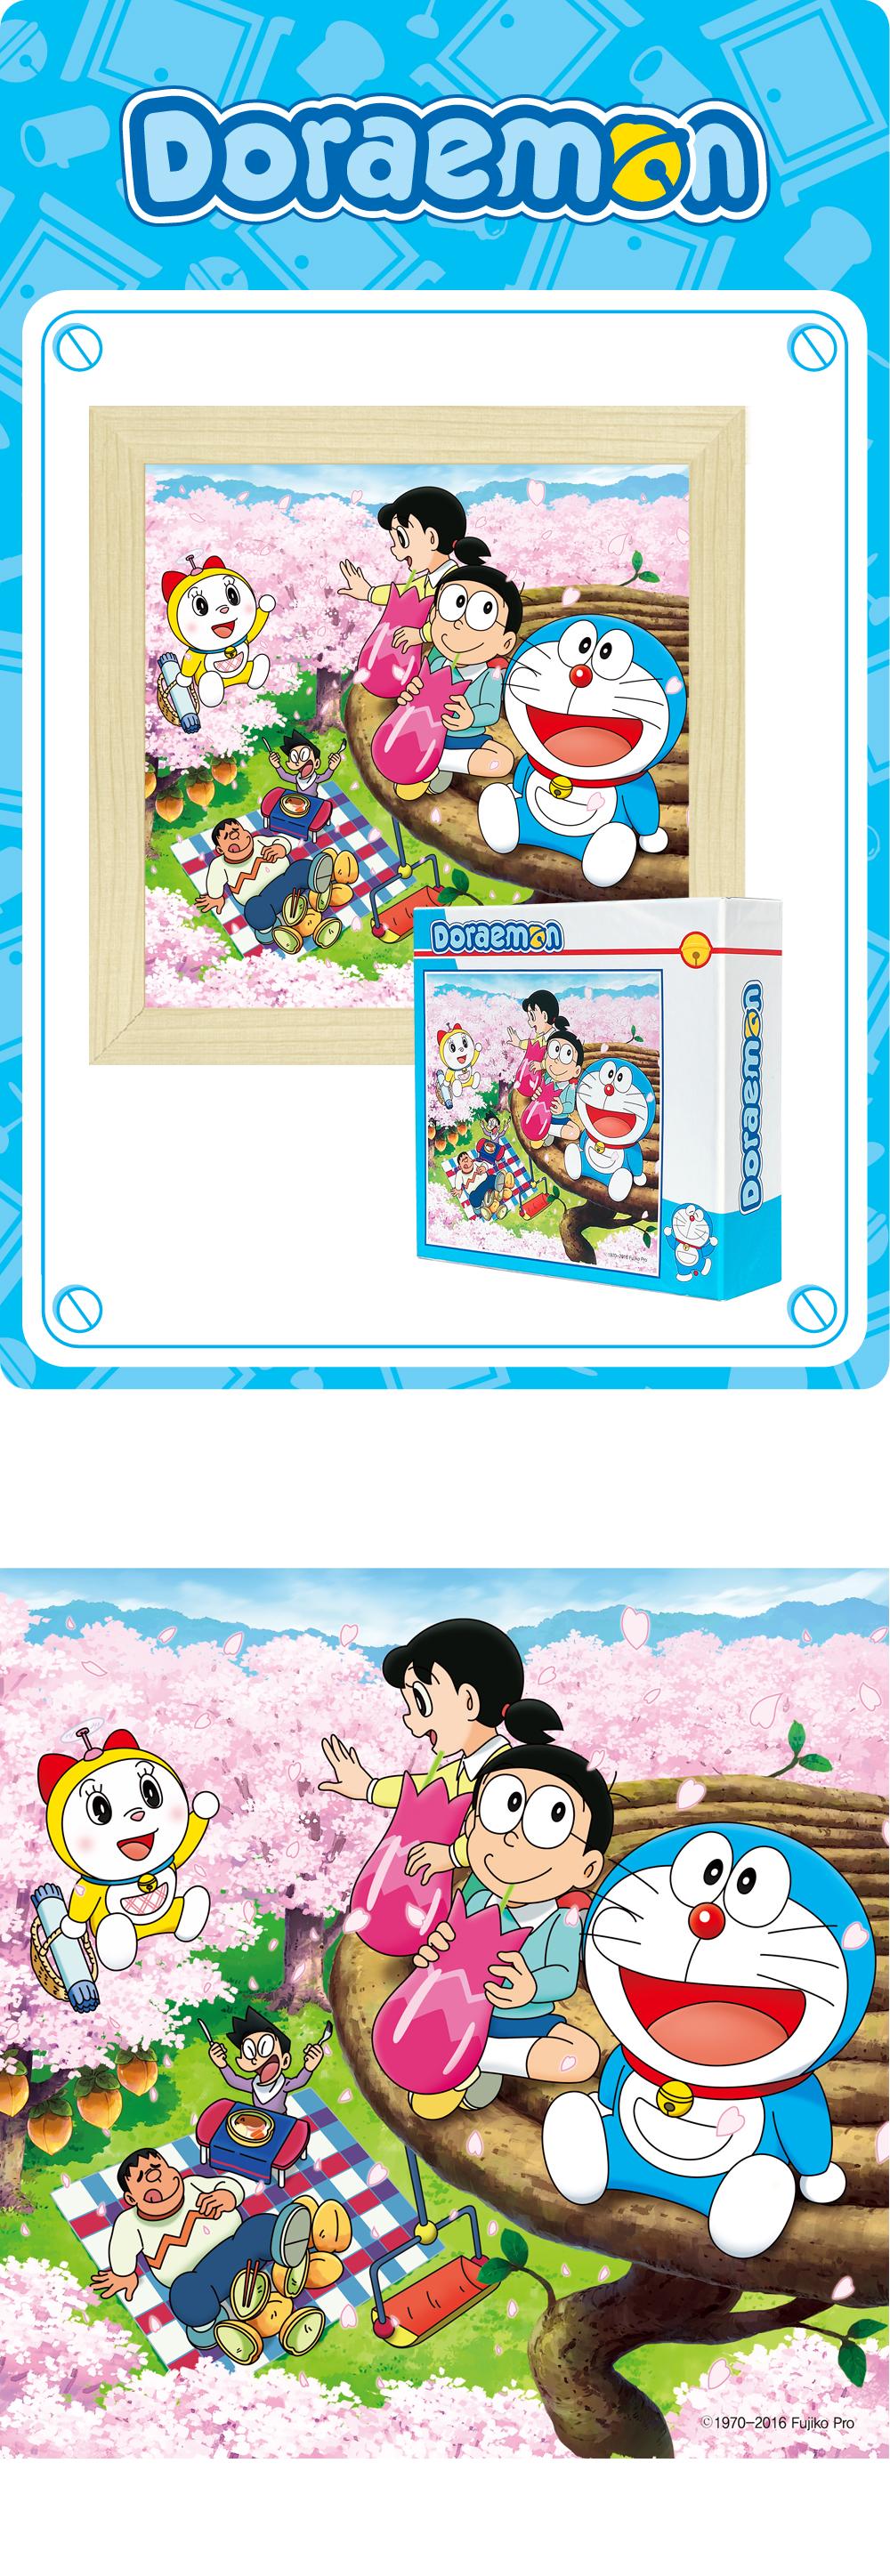 289pcs 도라에몽(봄 피크닉) PL289-6 - 퍼즐라이프, 10,000원, 조각/퍼즐, 캐릭터 직소퍼즐